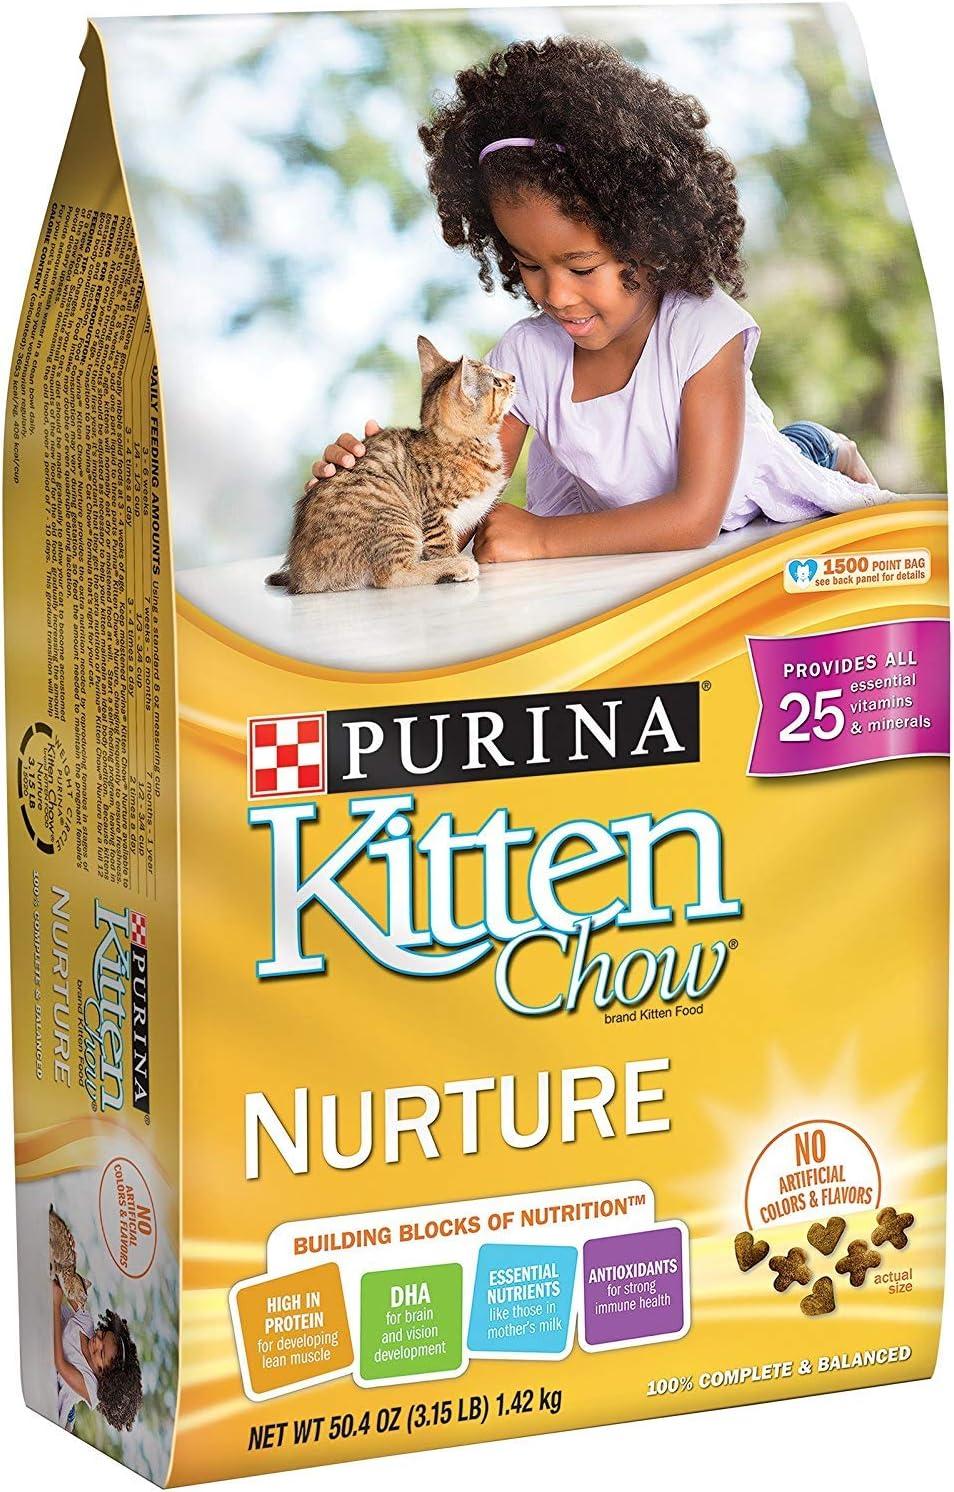 Purina Kitten Chow Nurture Kitten Dry Cat Food, 3.15 LB